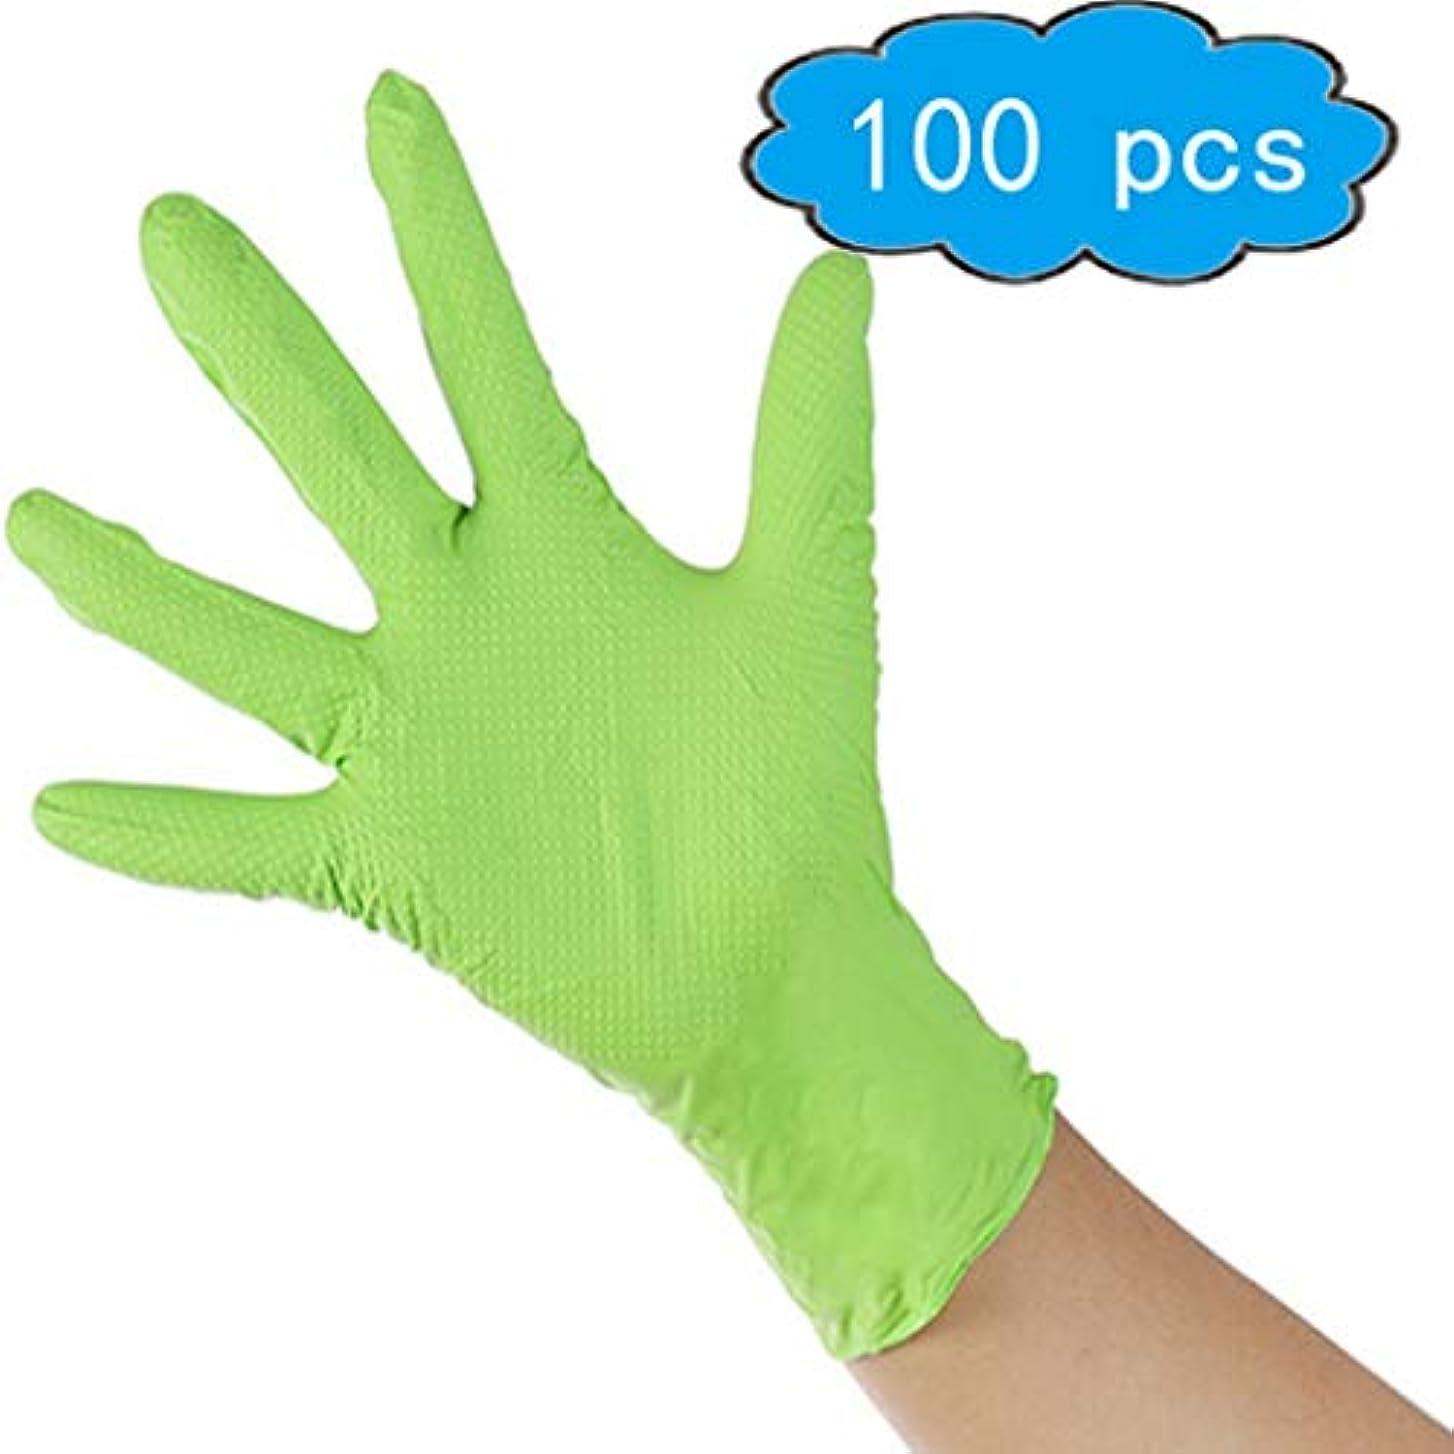 悲しみパスポート裏切り使い捨てゴム手袋-5ミル、工業用、極厚、パウダーフリー、両手利き、オレンジ、ミディアム、100個入りの箱、滑り止めの掌紋、耐摩耗性と耐久性のある機械式ハードウェアゴム手袋 (Color : Green, Size : L)